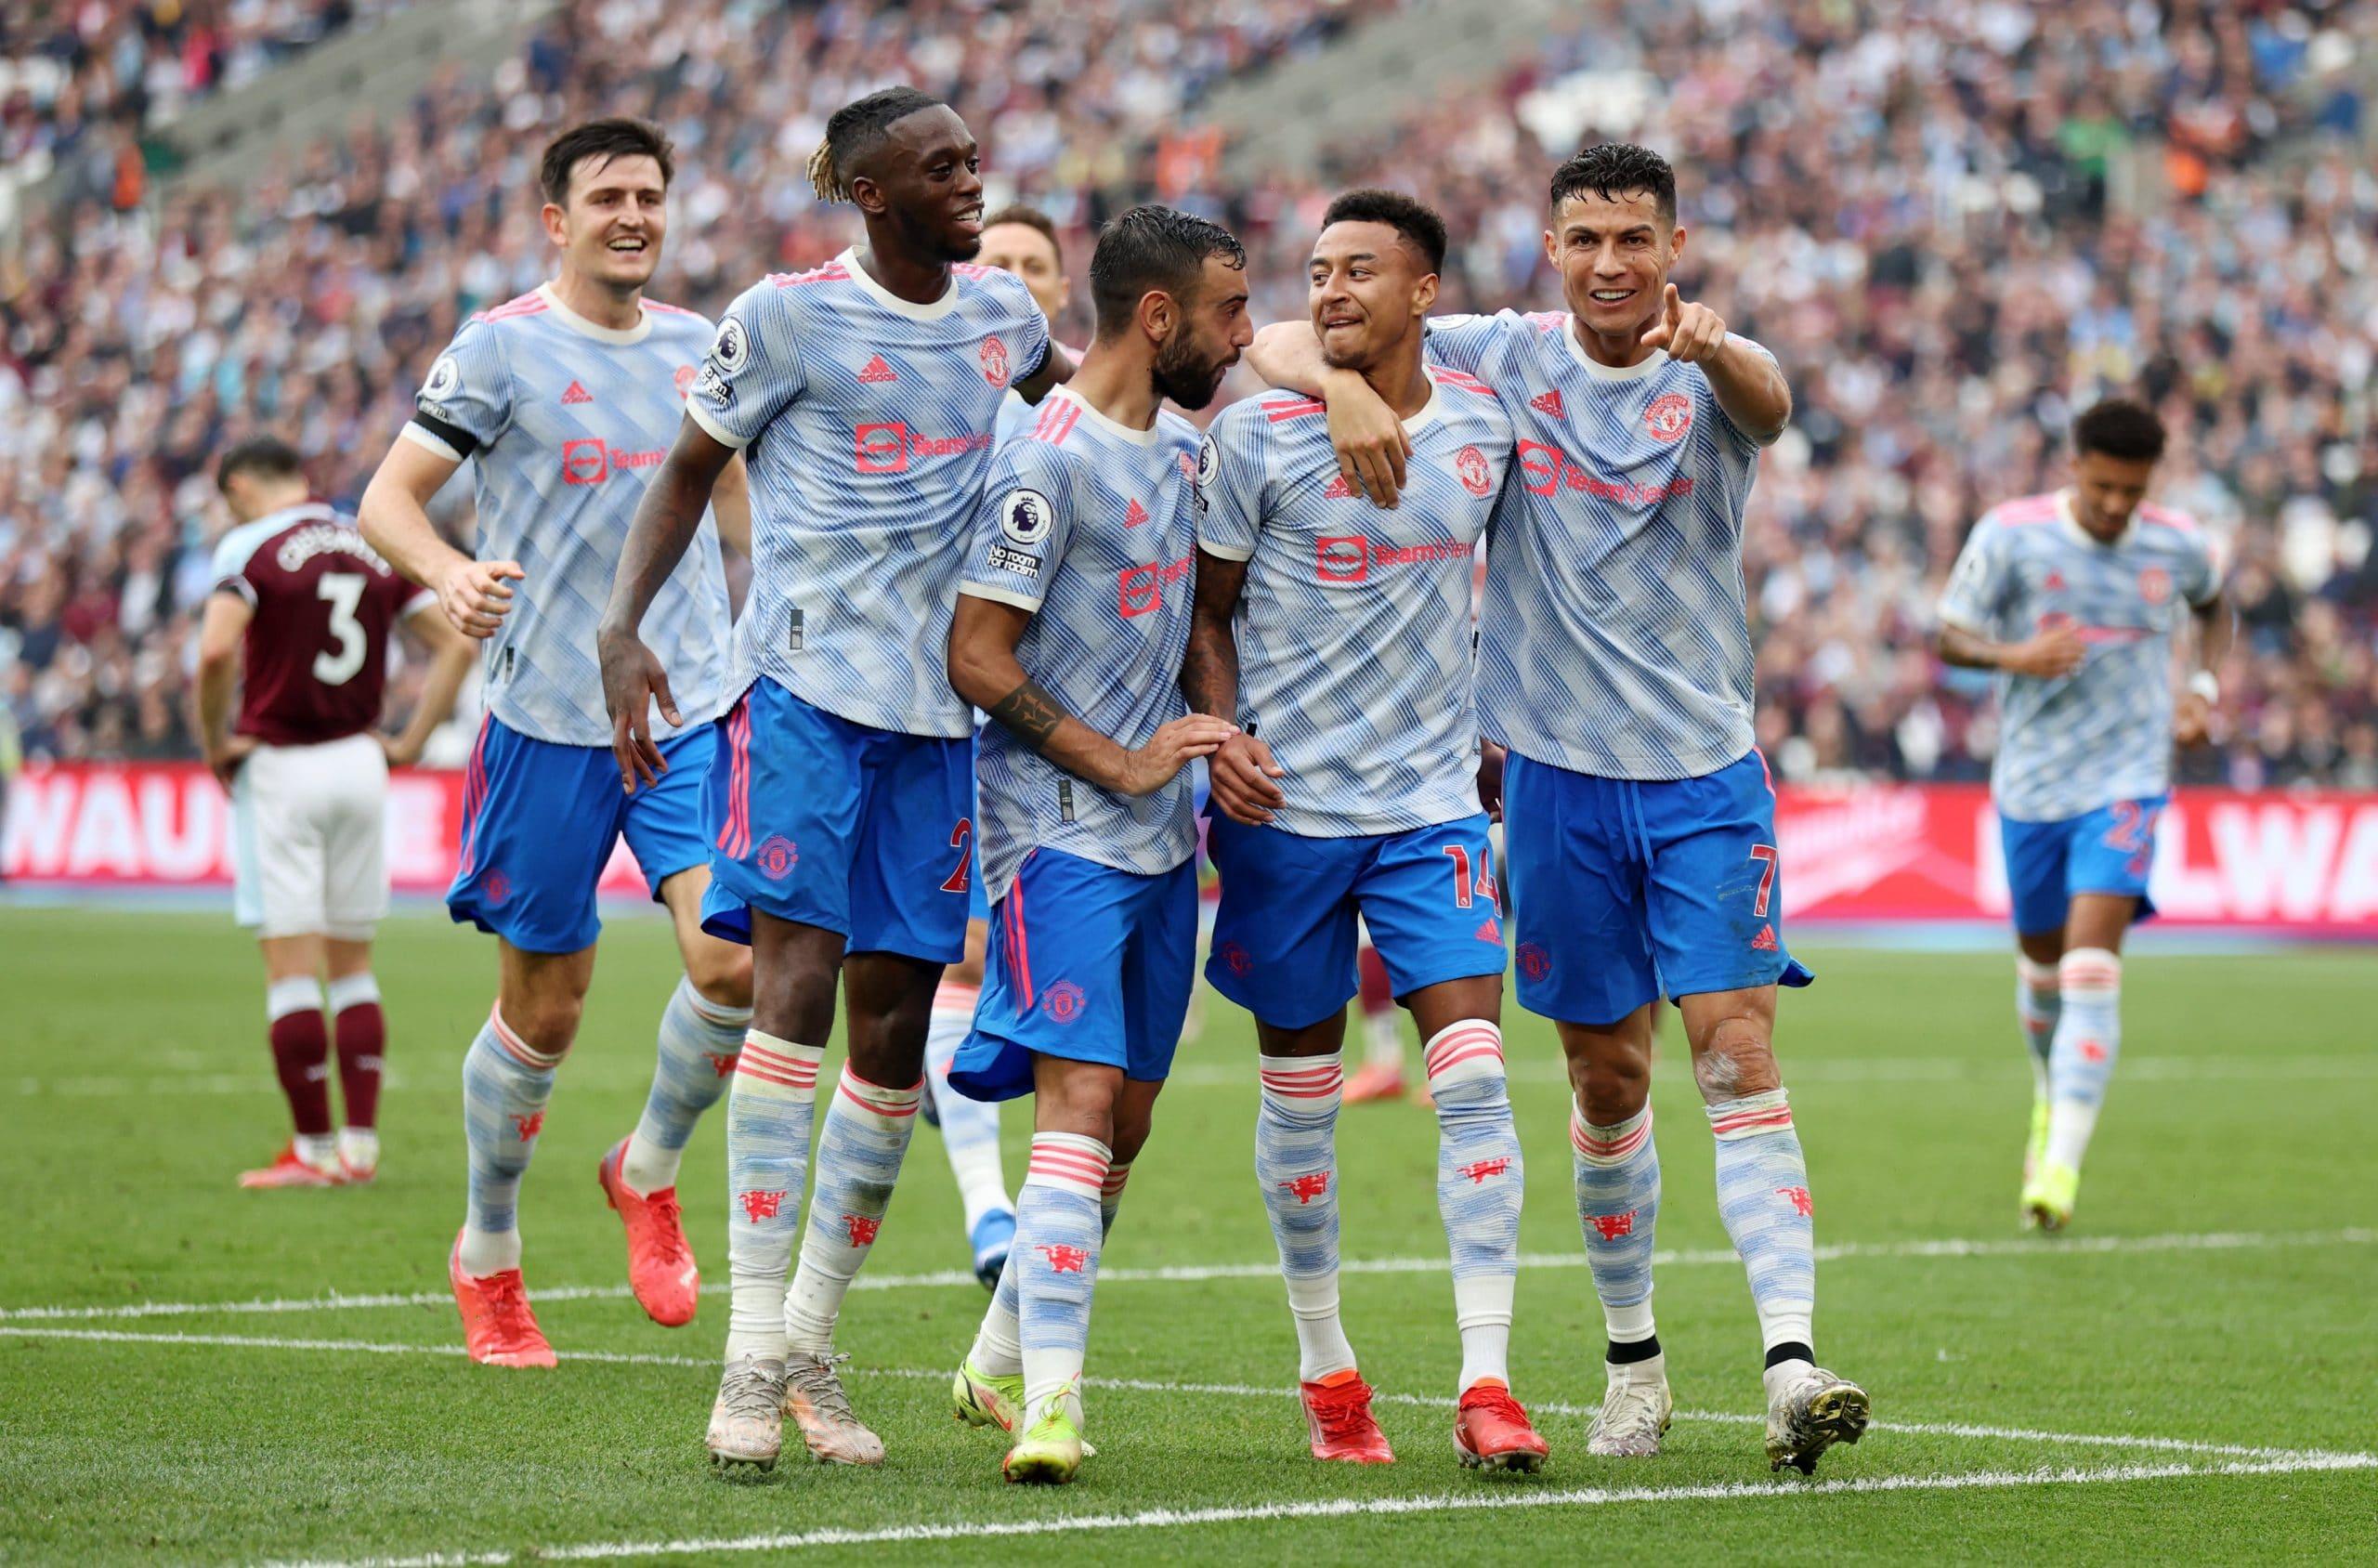 مباراة مانشستر يونايتد ووست هام في الدوري الإنجليزي